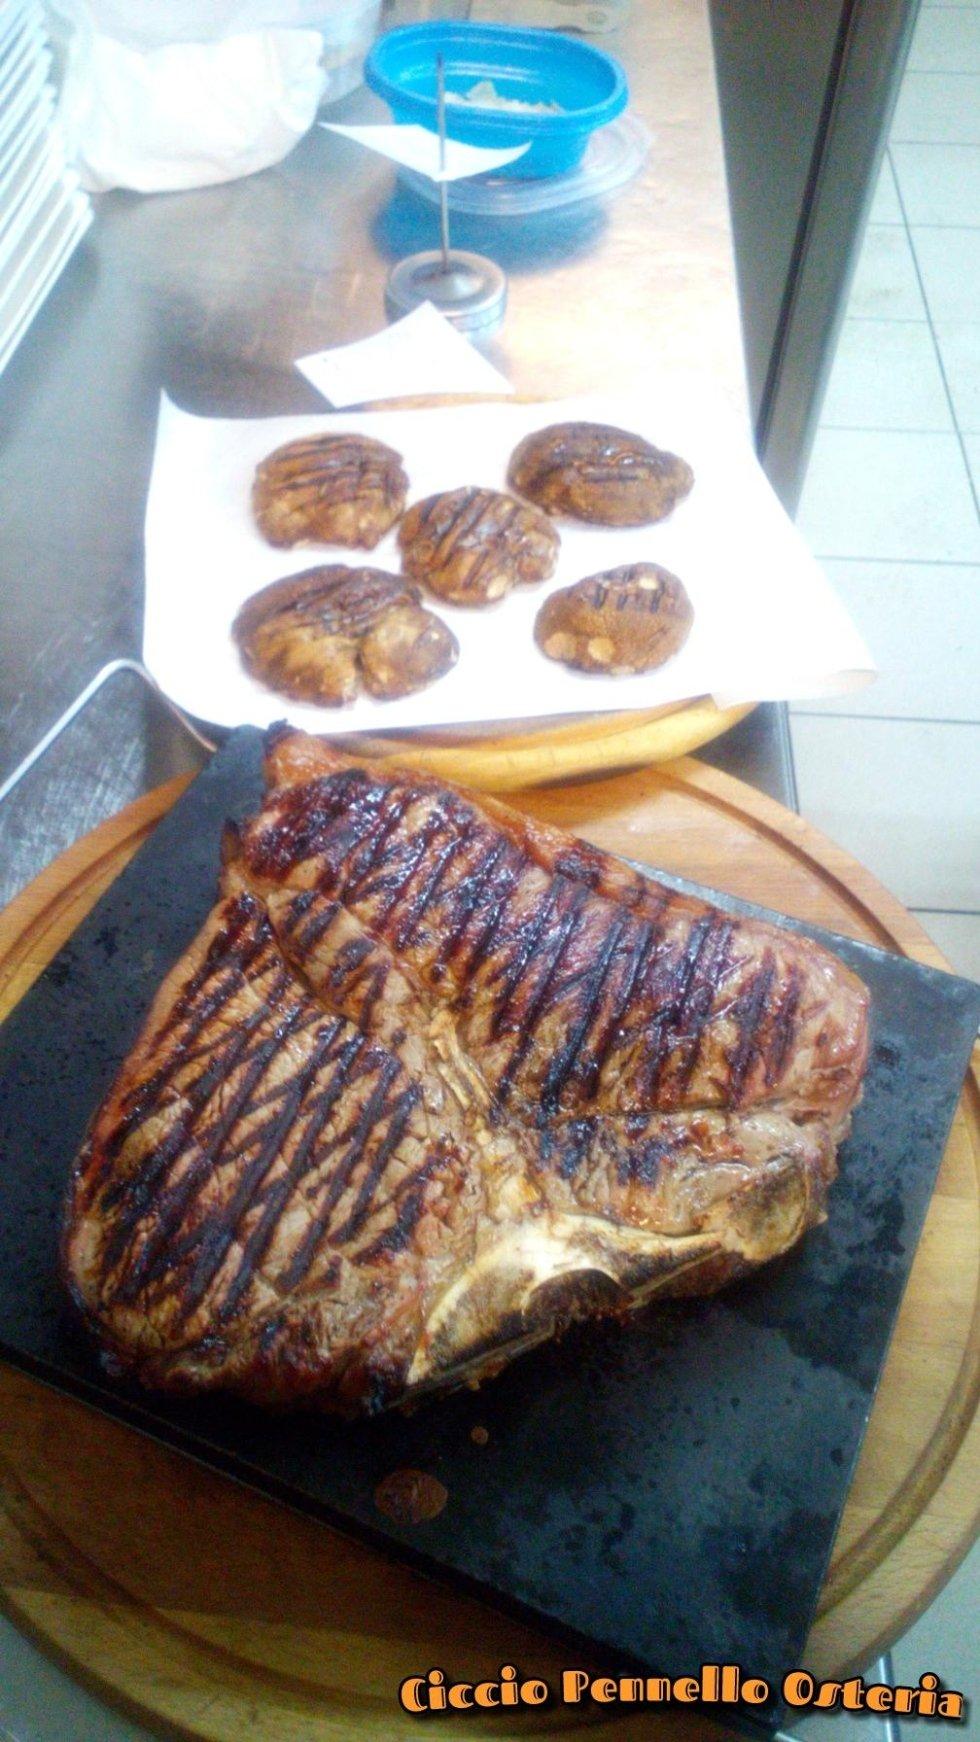 bistecca grigliata toscana ciccio pennello osteria